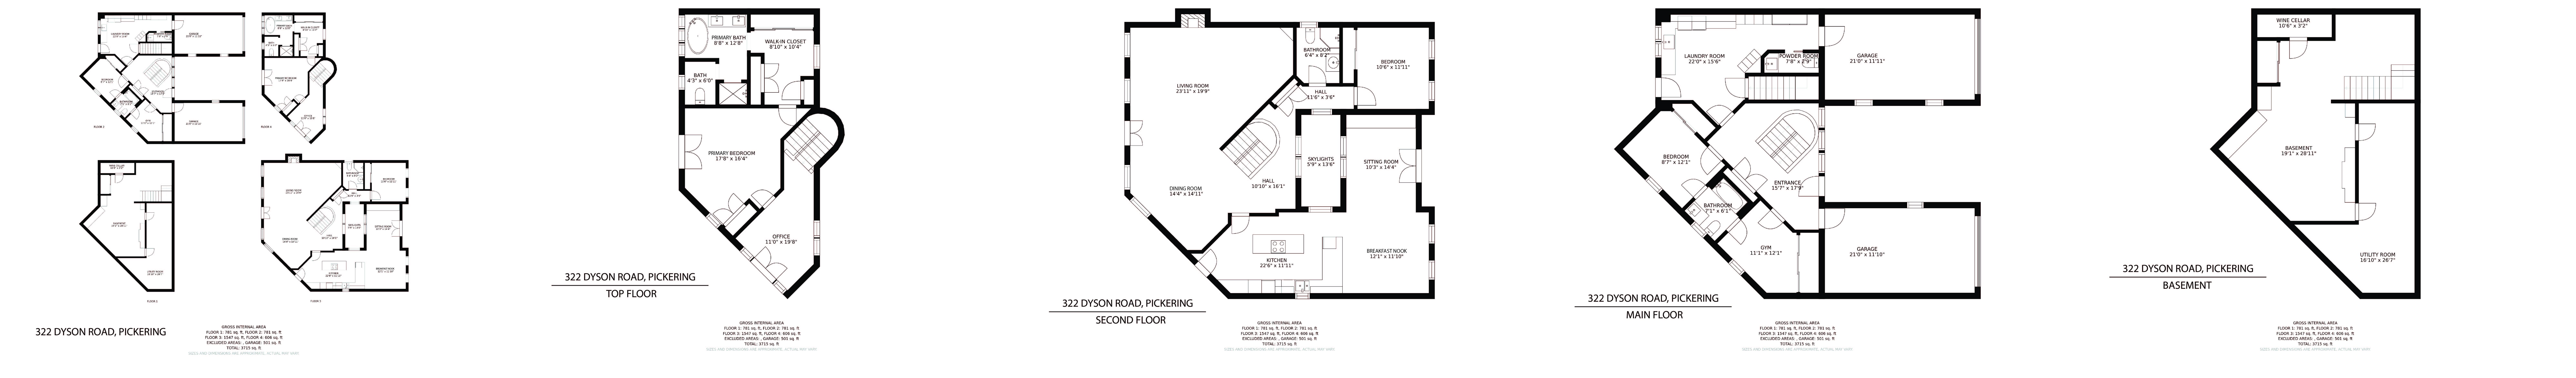 322 Dyson Road floorplan